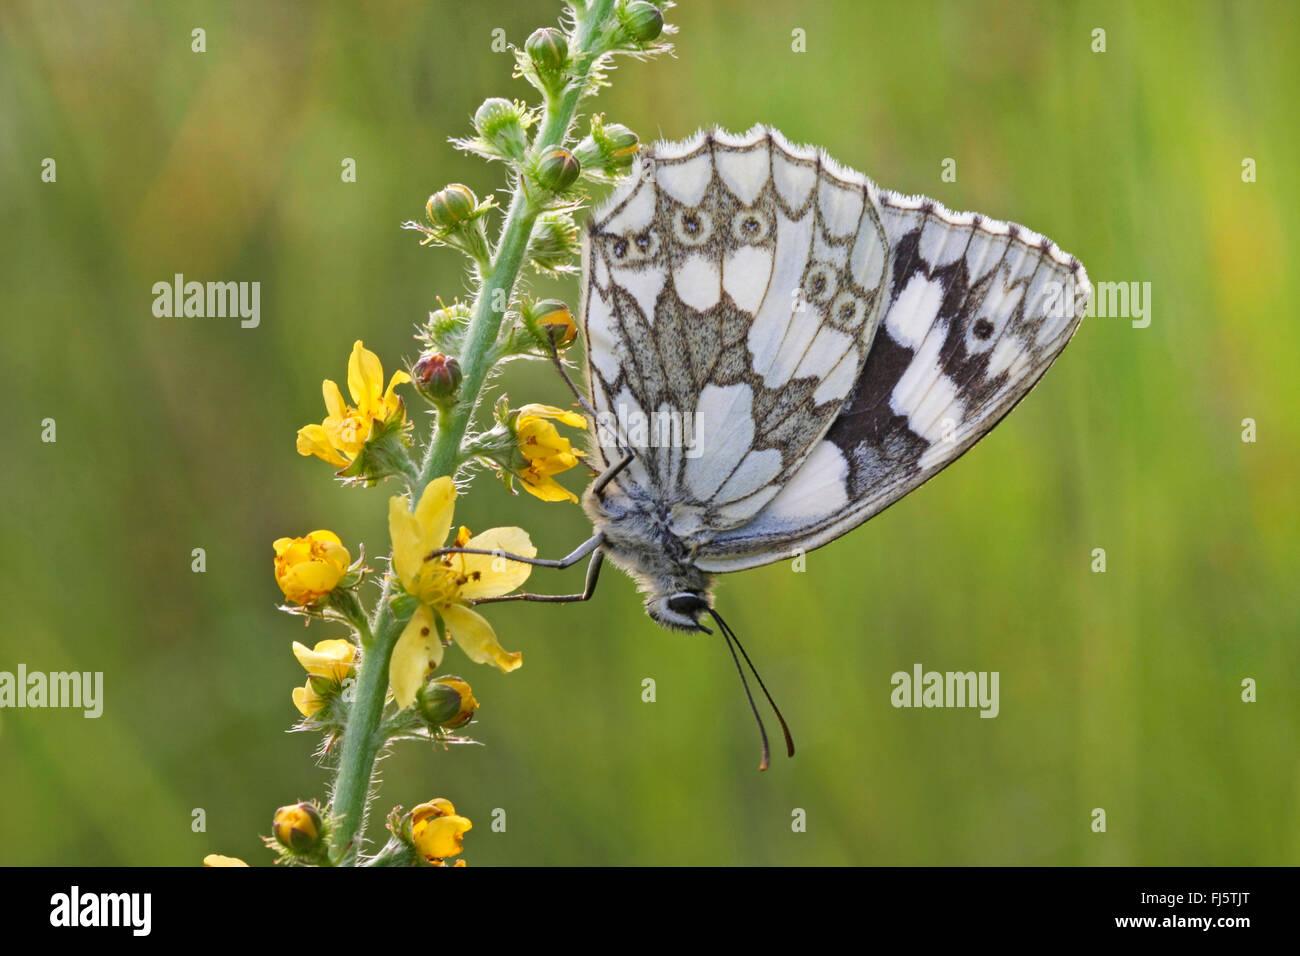 marbled white (Melanargia galathea), sitting on agrimony, Germany - Stock Image